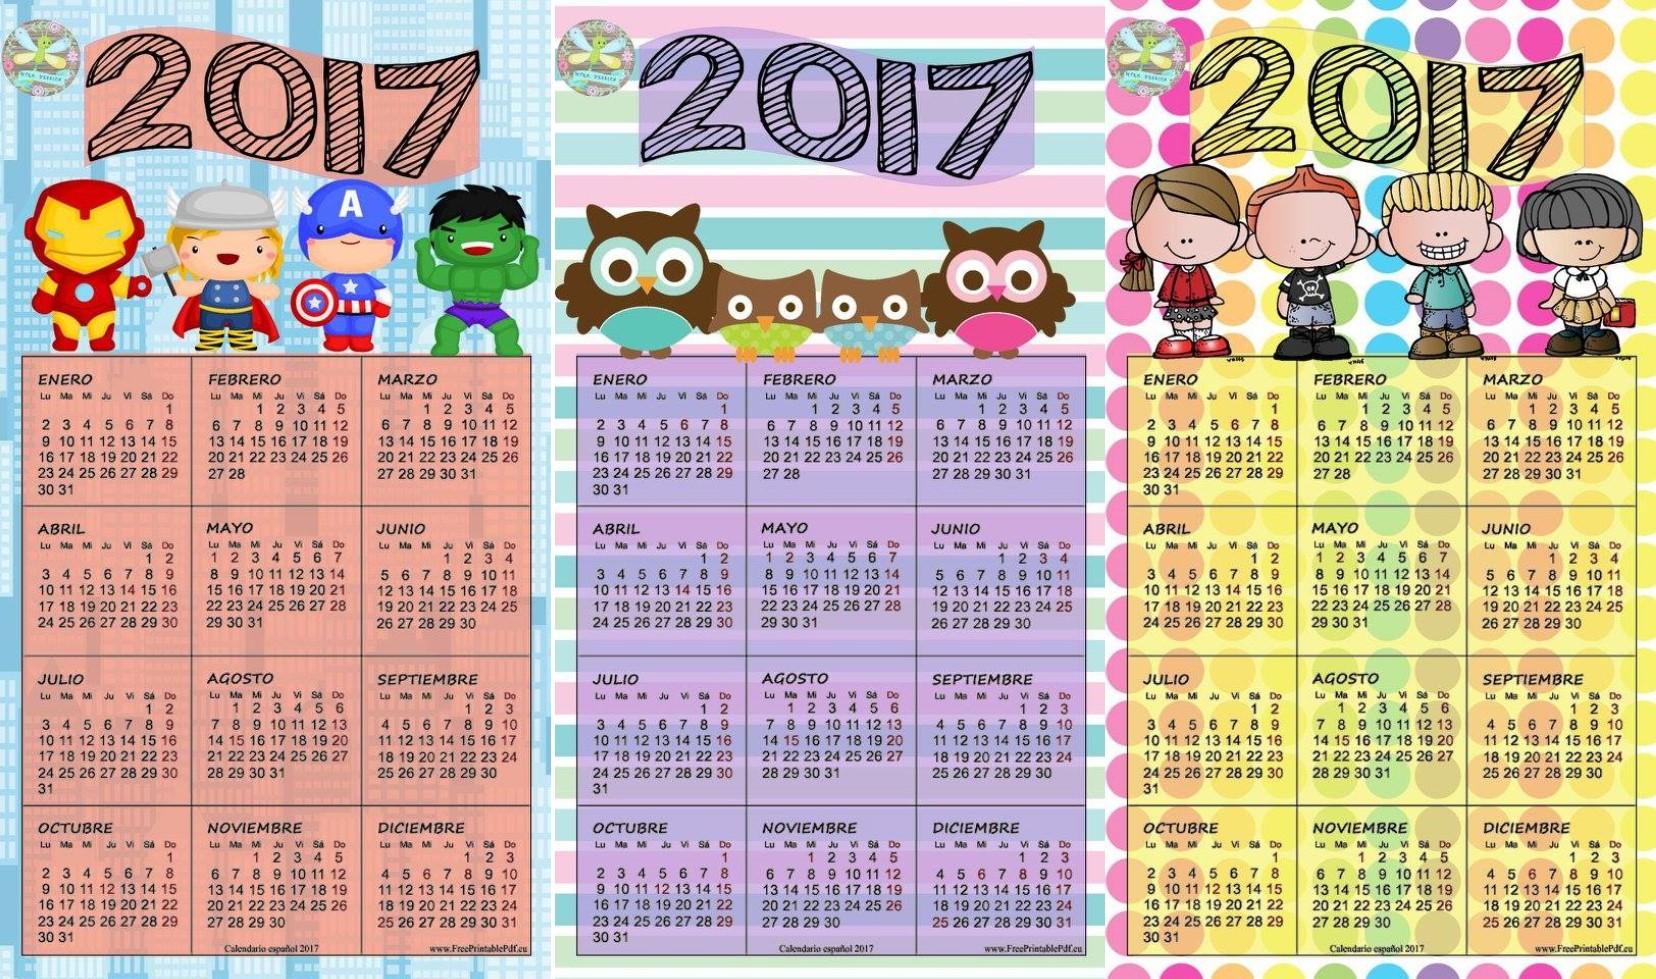 Bonitos calendarios del 2017 | Material Educativo